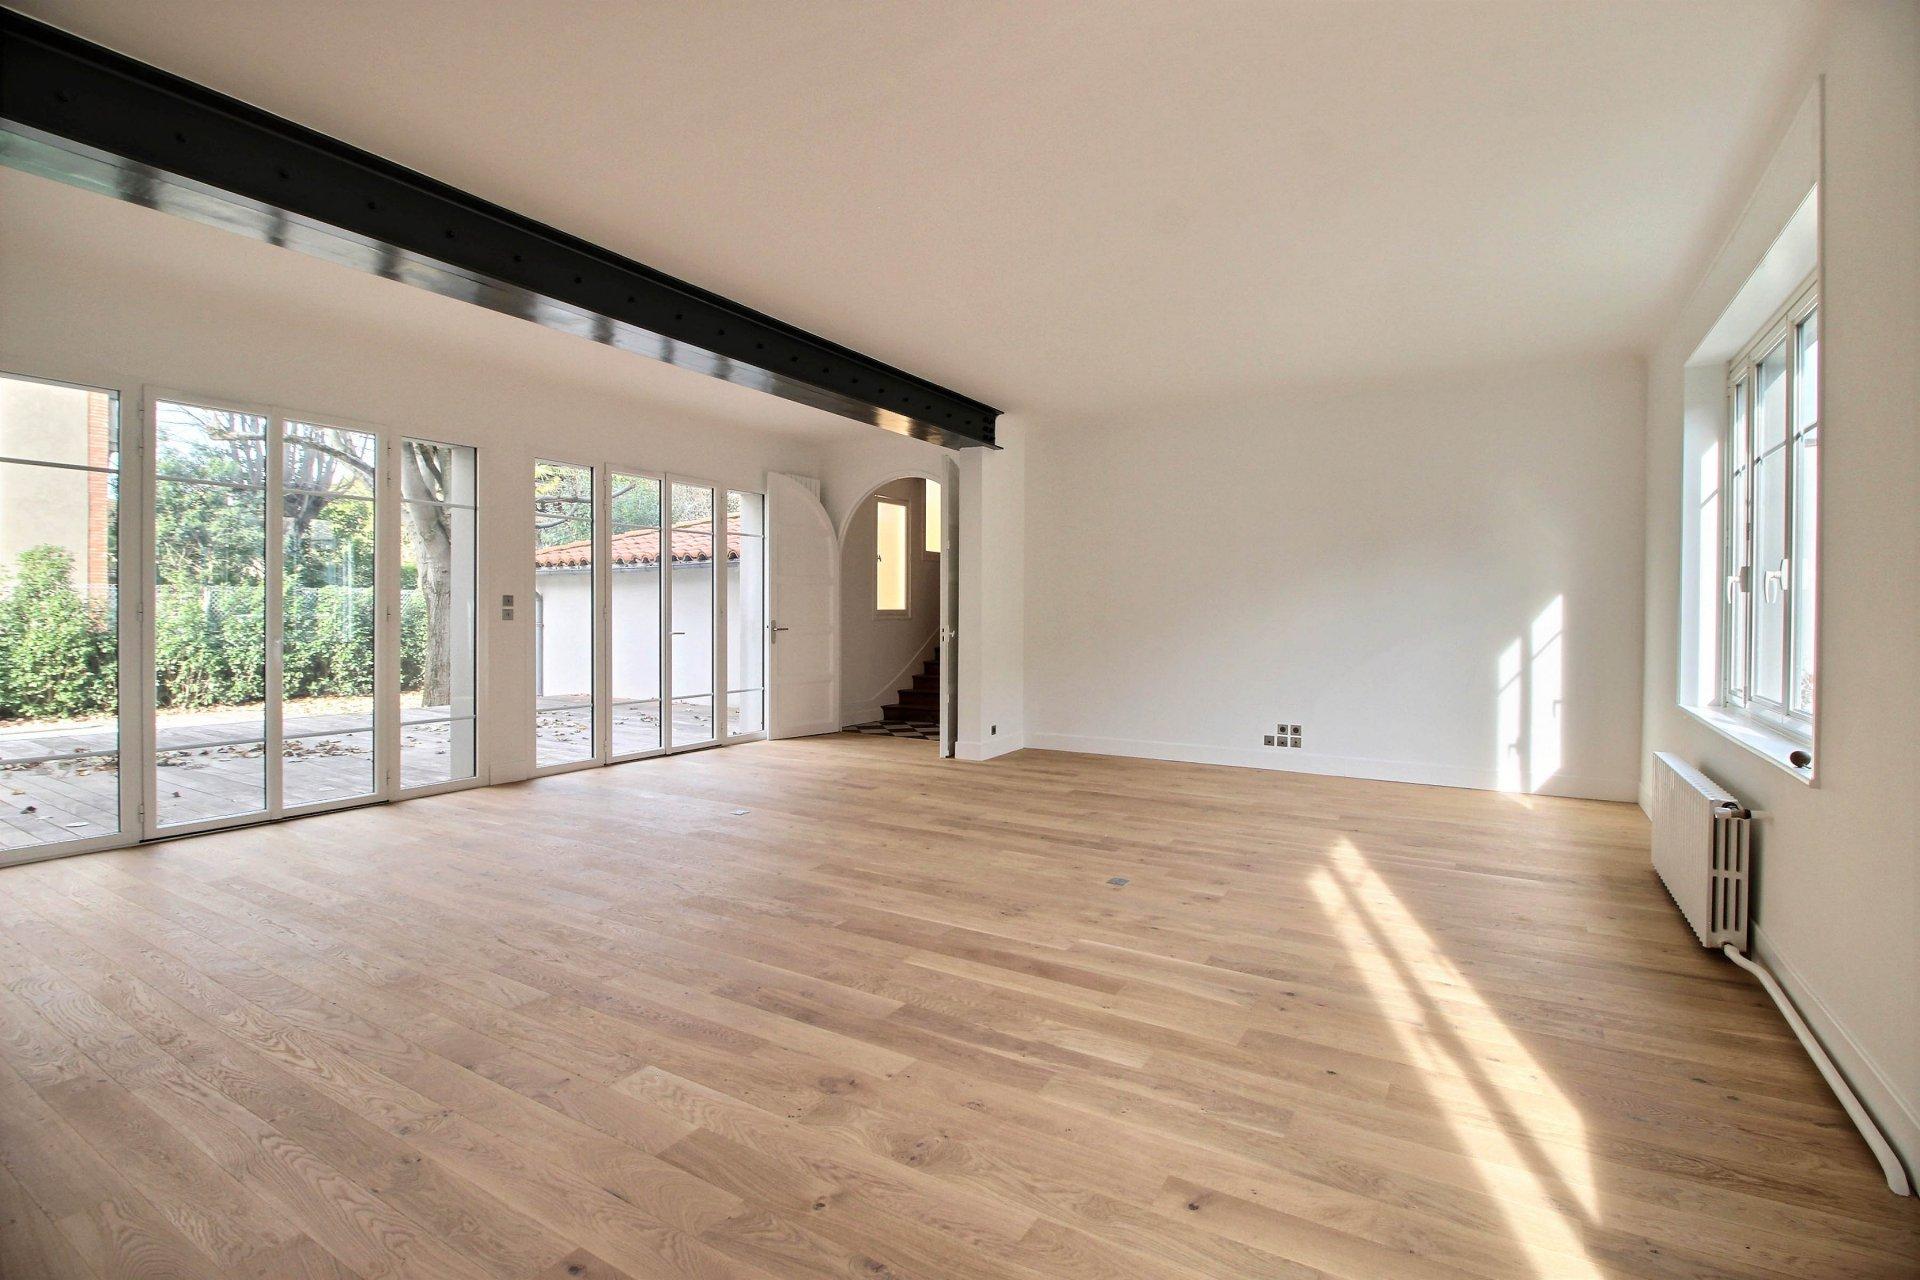 Busca, Maison de 330 m² avec jardin et piscine.